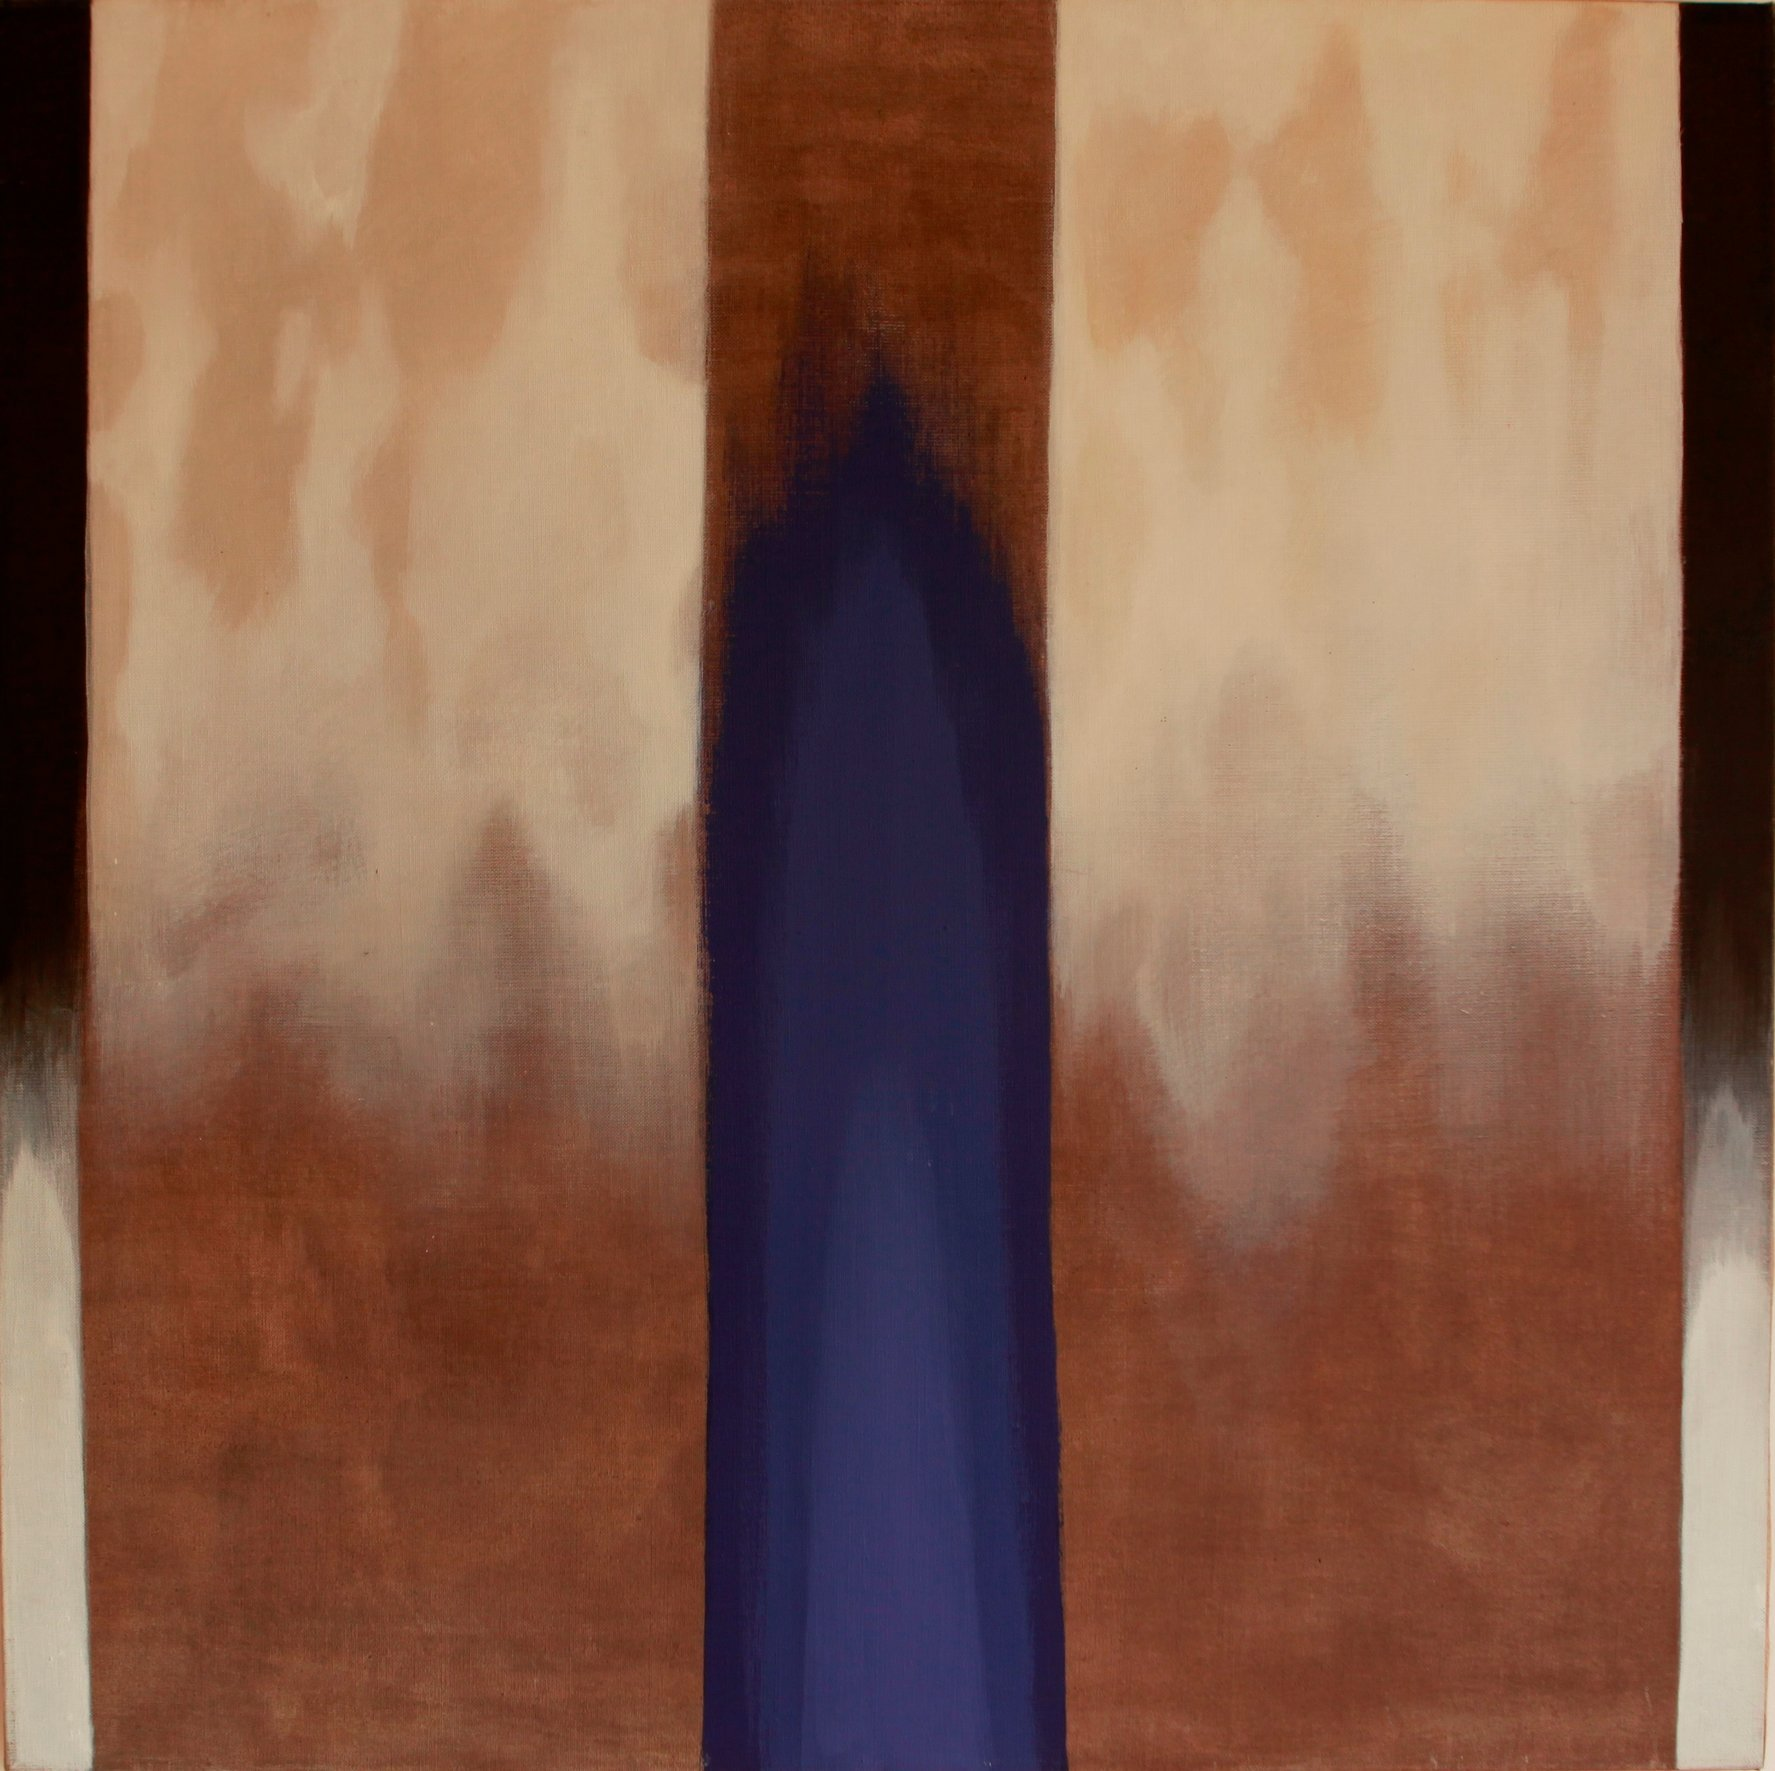 Niebieskie światło 100x100 akryl płótno 2011